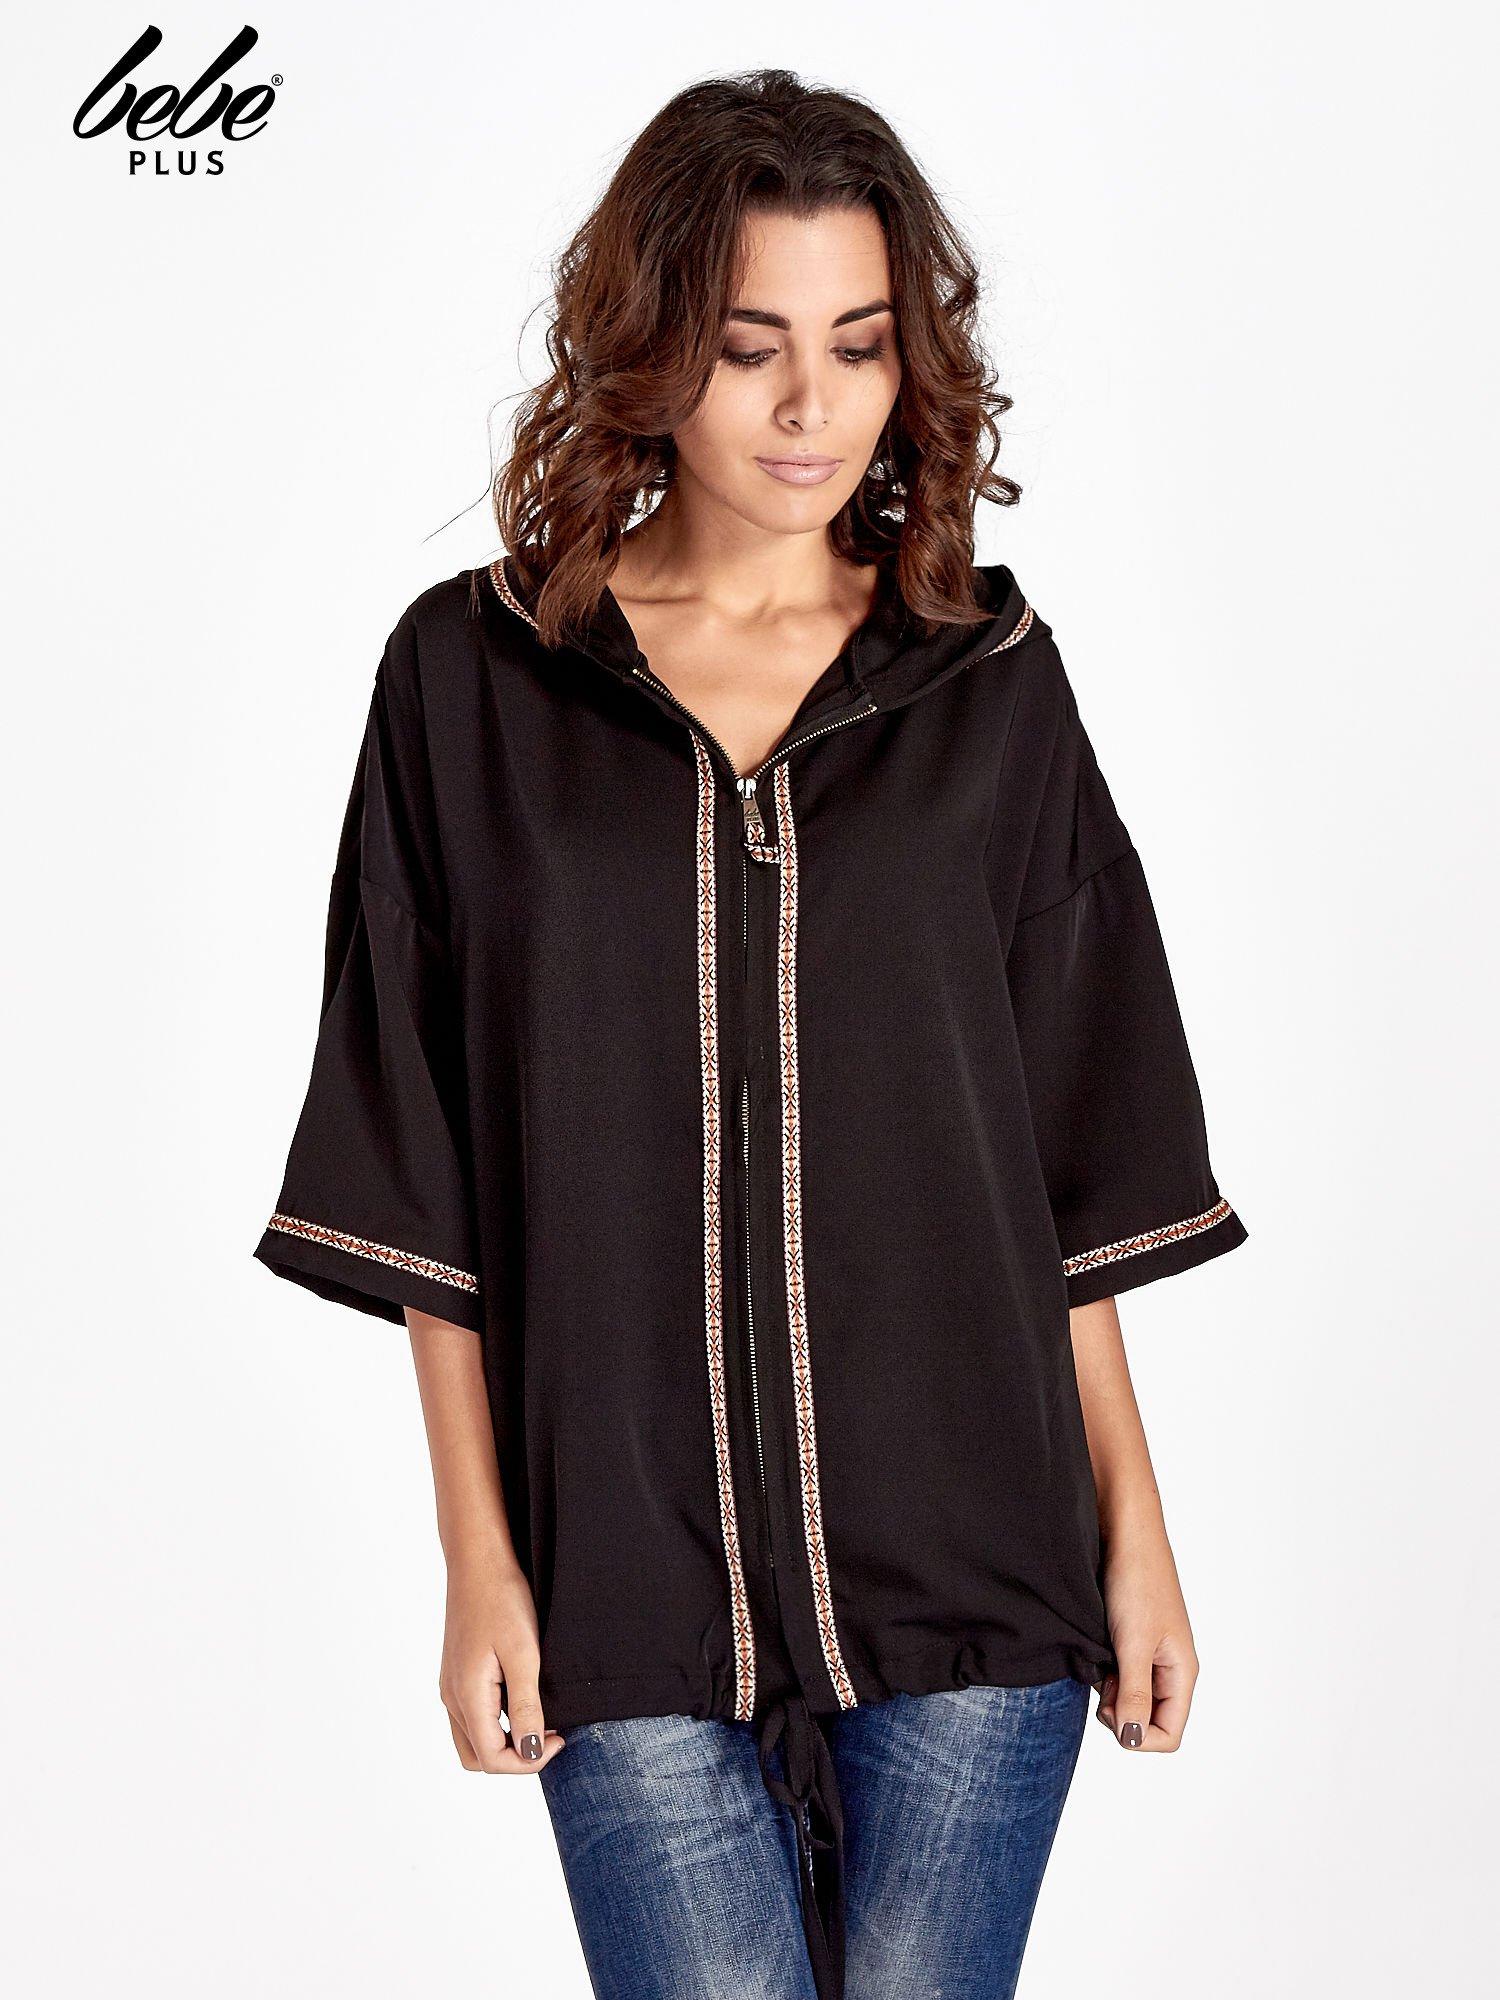 Czarna bluza z kapturem w stylu boho                                  zdj.                                  1